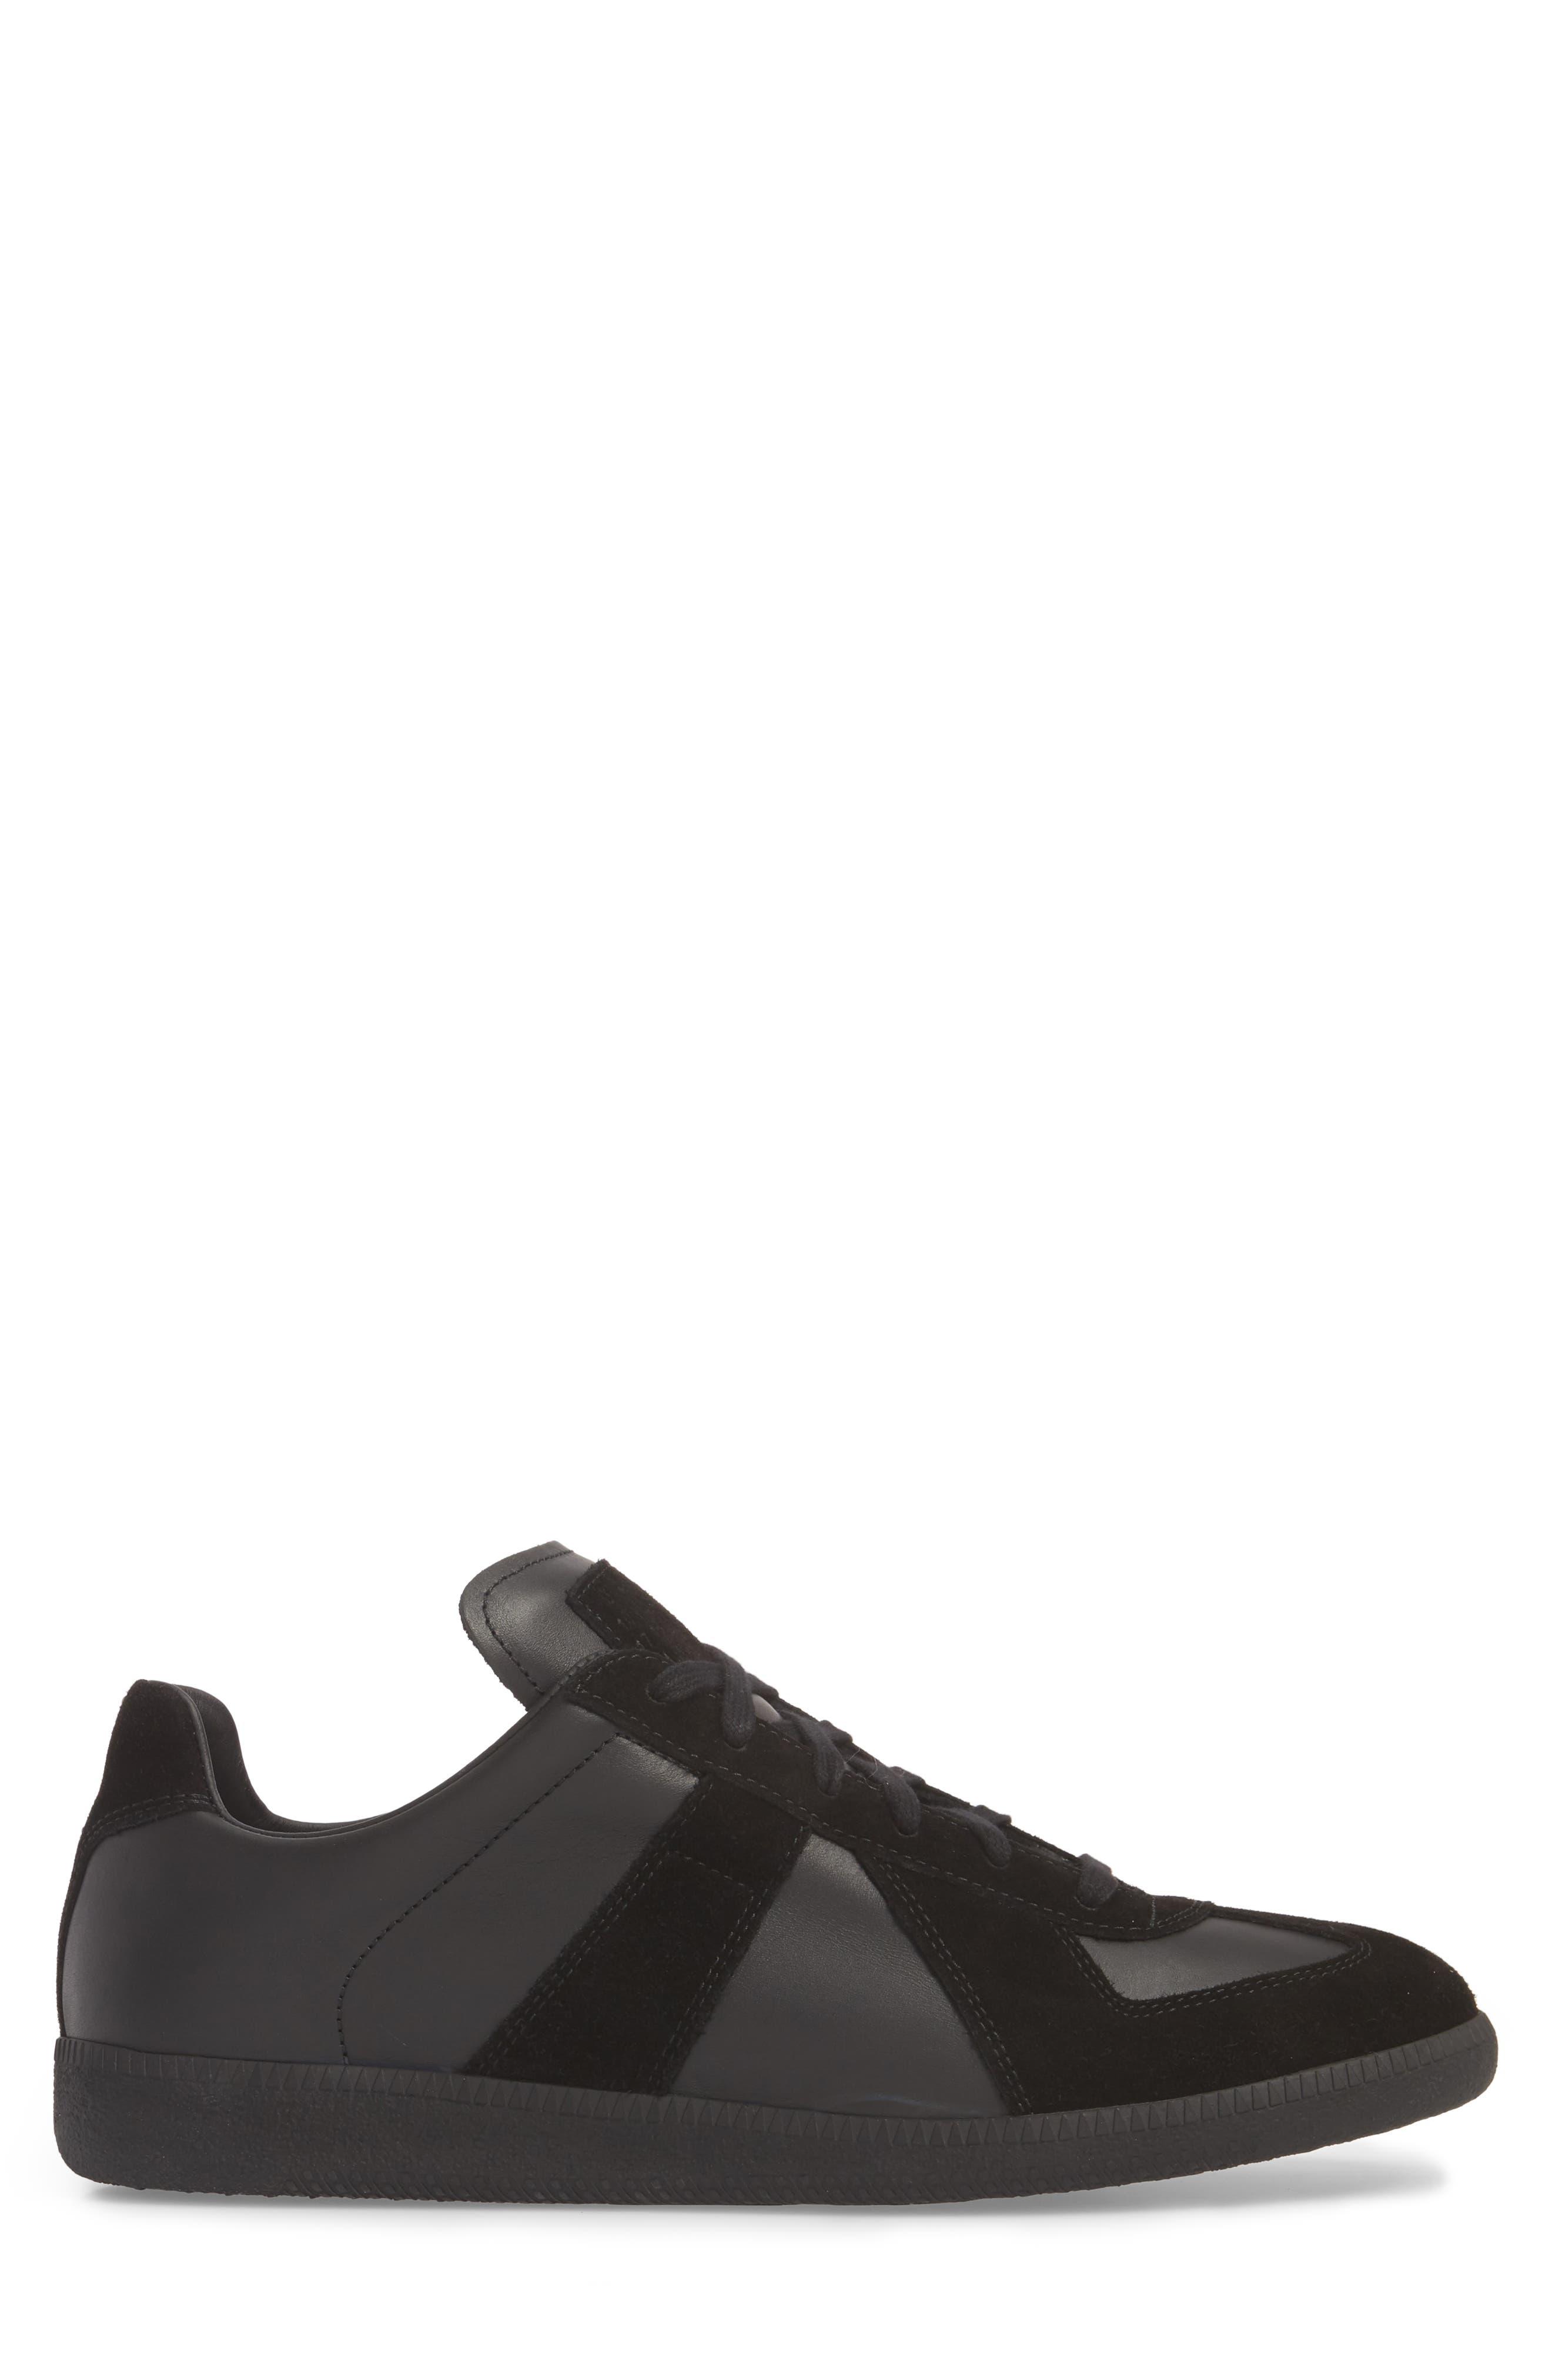 MM6 MAISON MARGIELA, Maison Margiela Replica Low Top Sneaker, Alternate thumbnail 3, color, BLACK